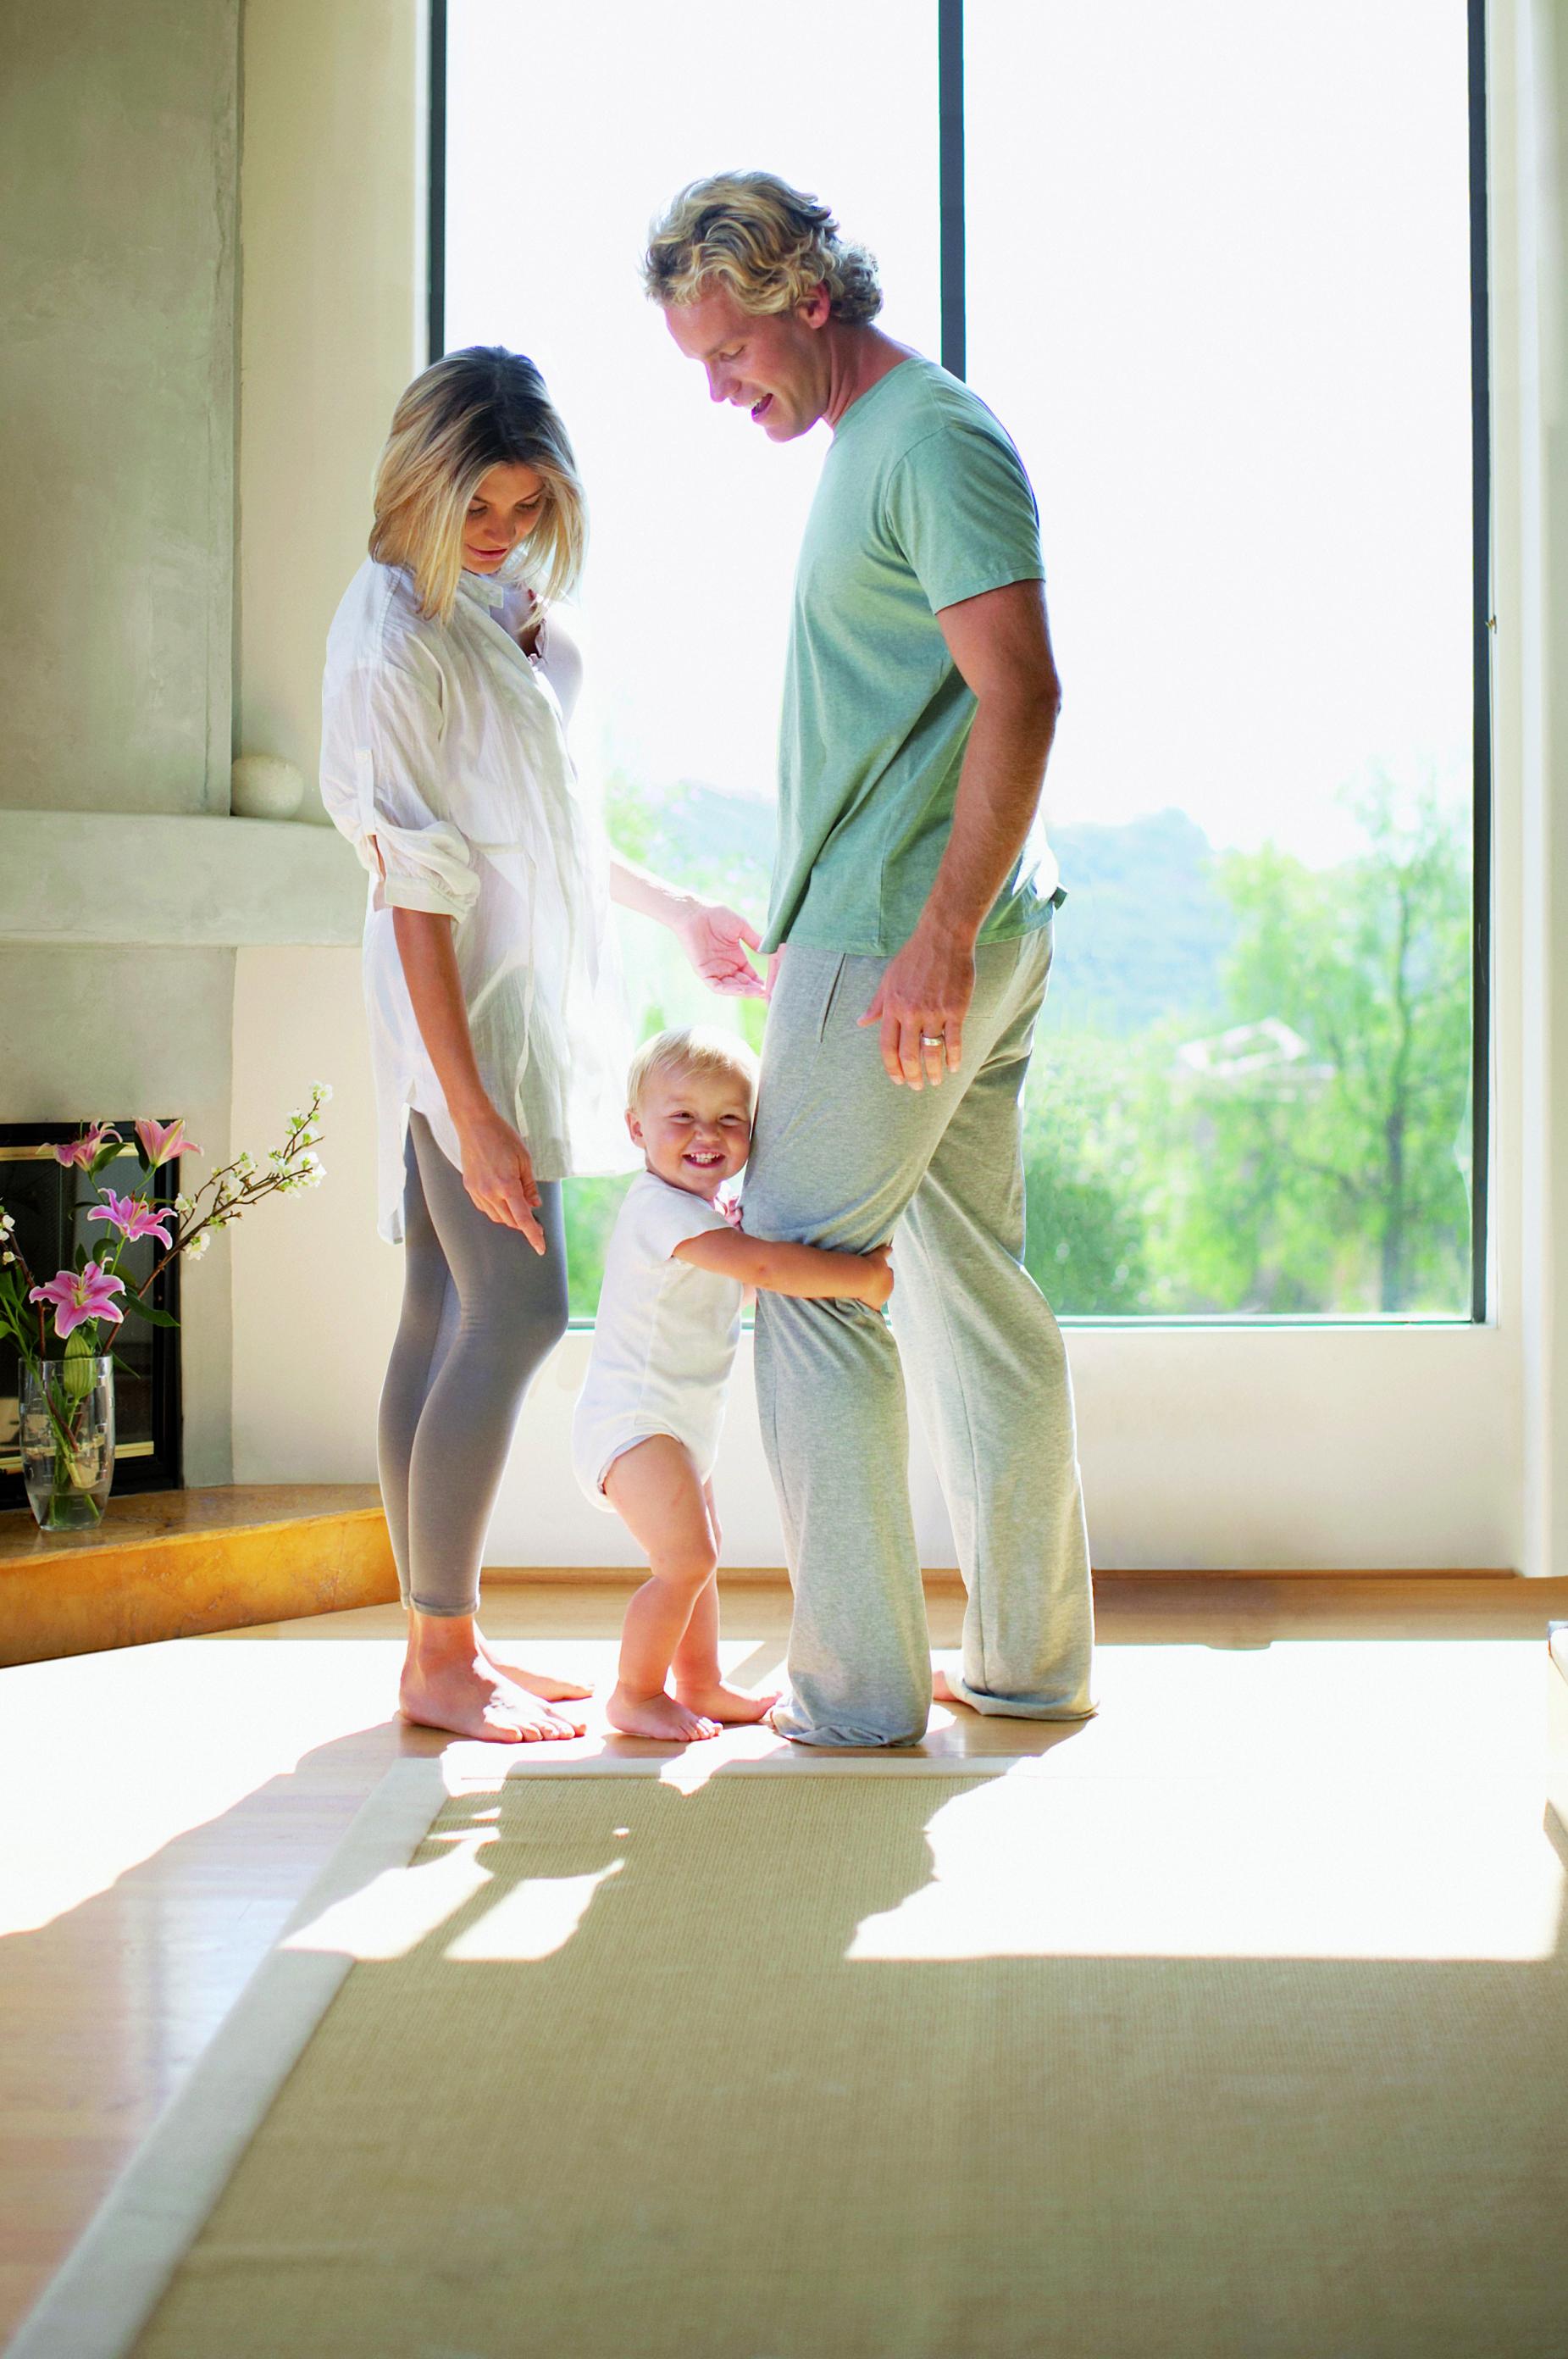 Assicurazioni casa tutela legale rc casa europ assistance for Assicurazione rc casa on line